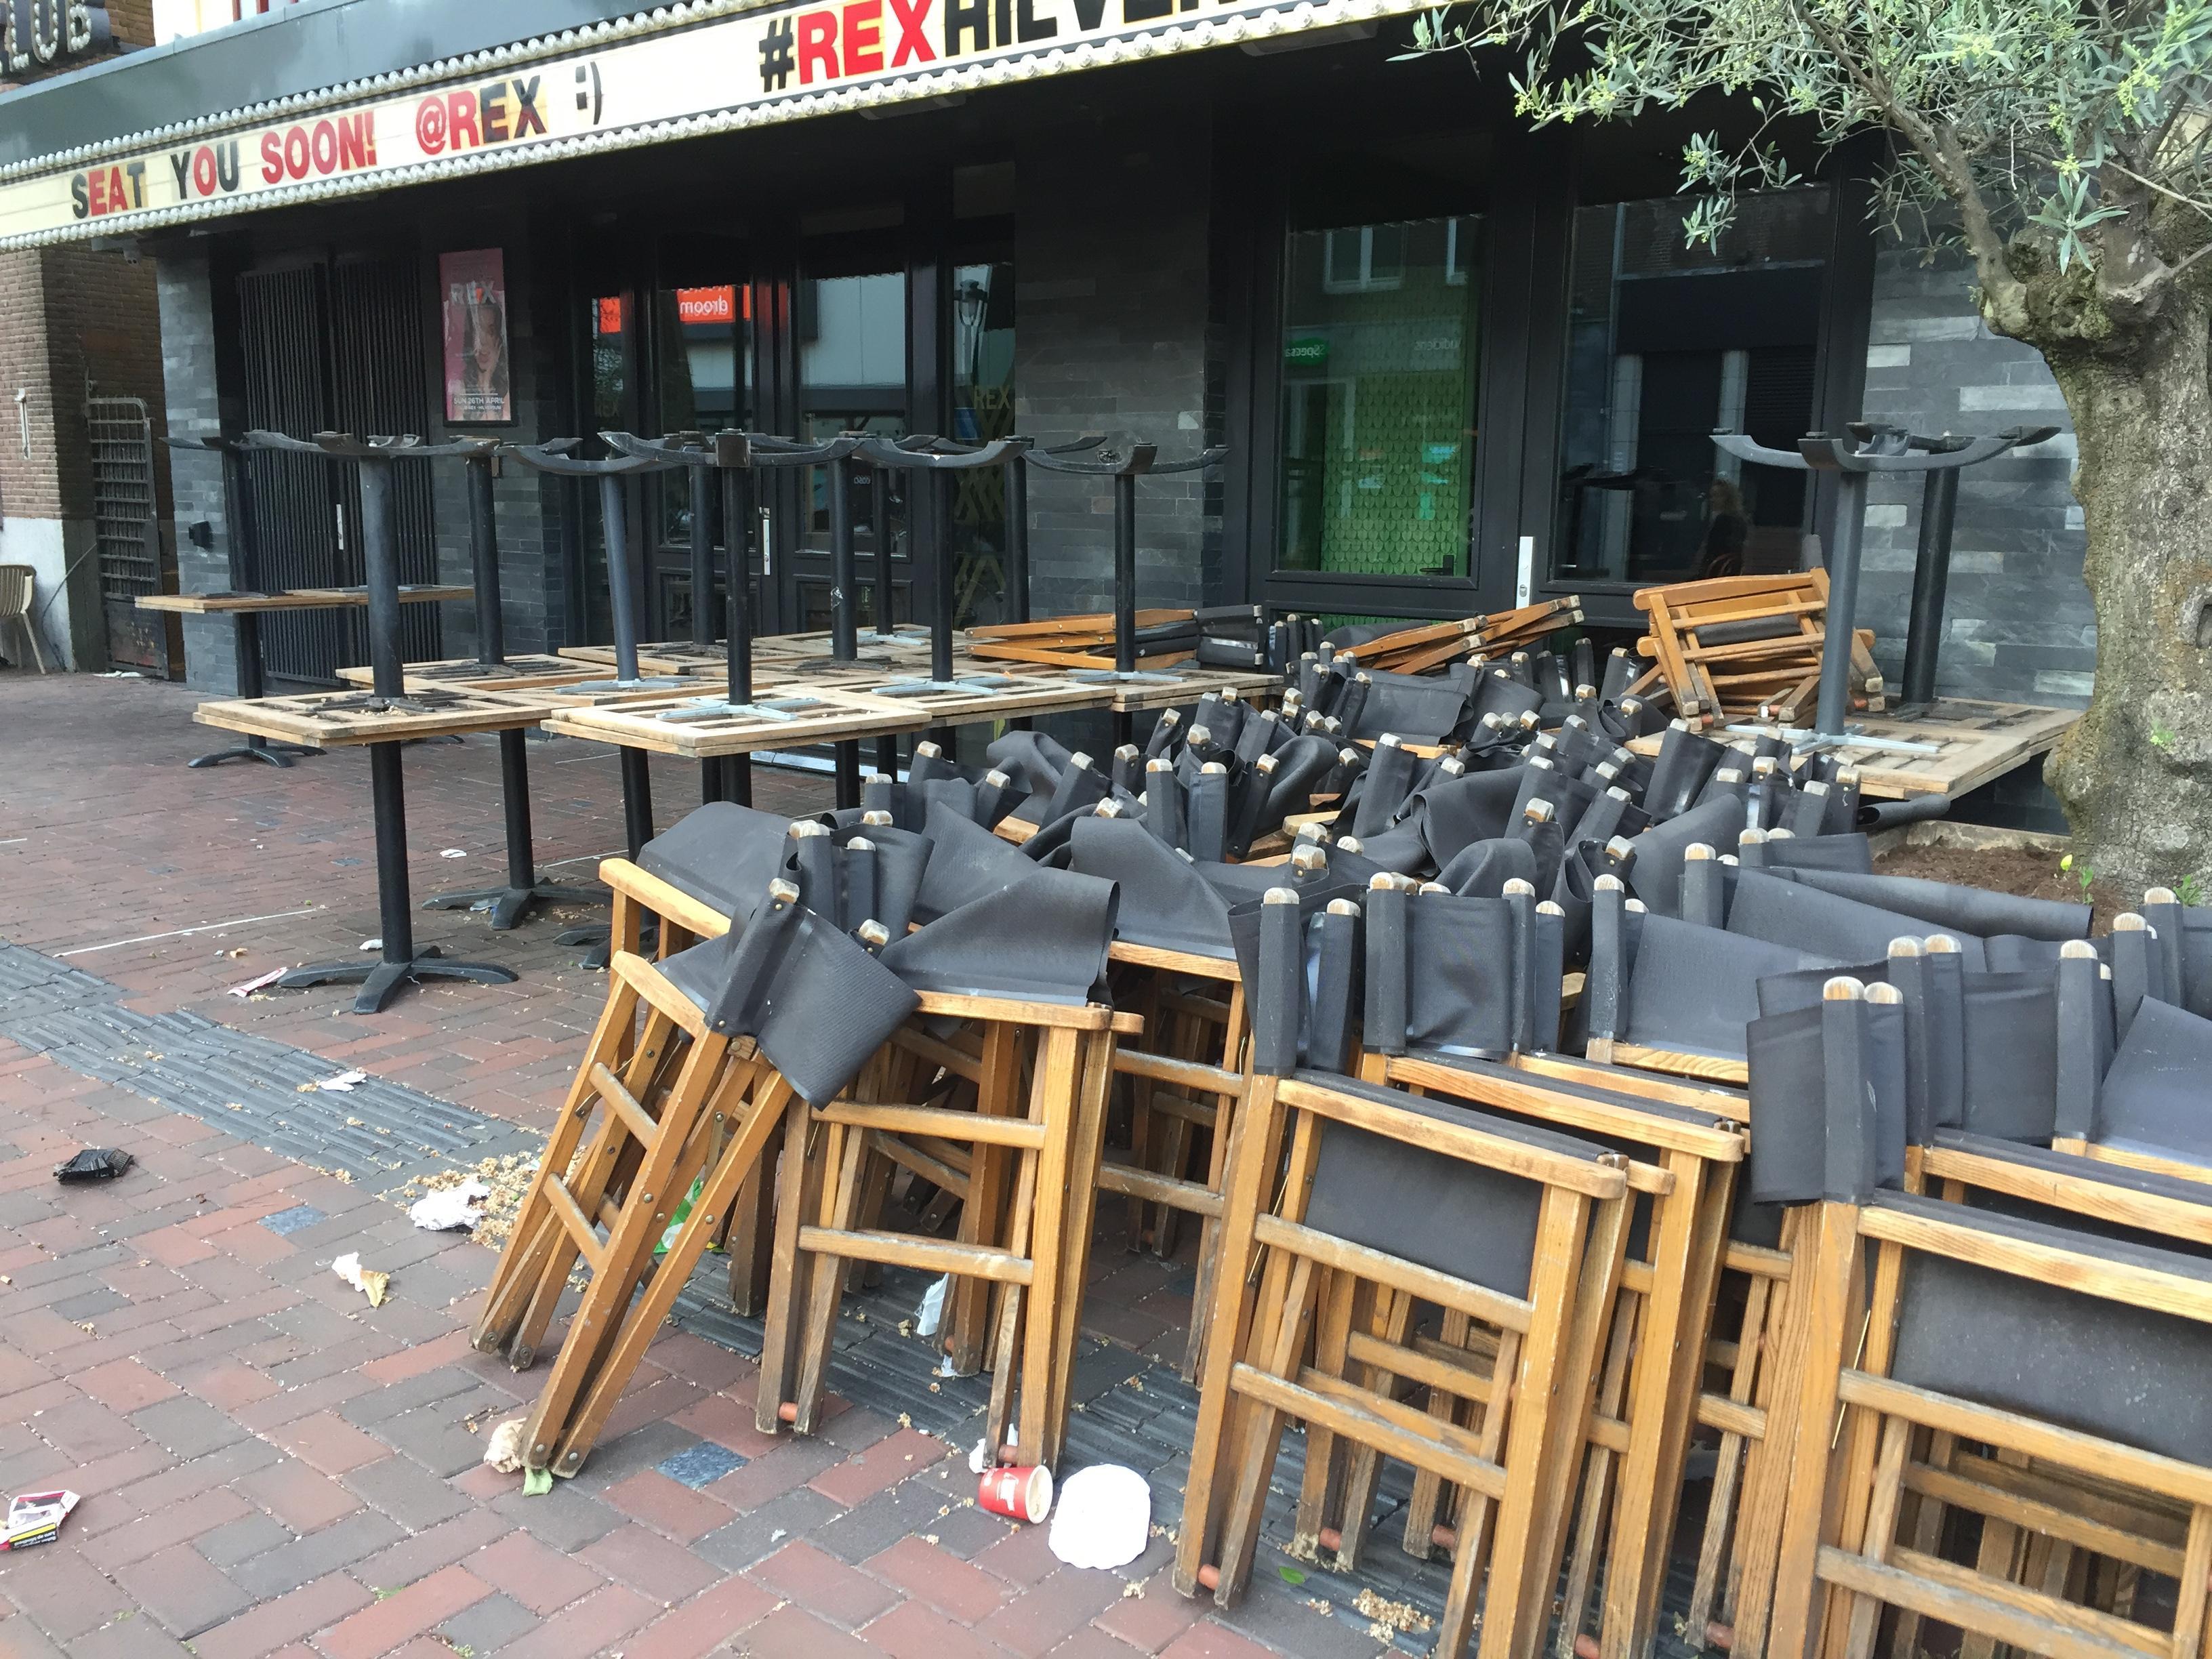 Blinde Hilversummer trekt aan de bel: 'Prima die terrassen midden op de Groest, maar ik struikel nu over tafels en stoelen.' Gemeente komt in actie